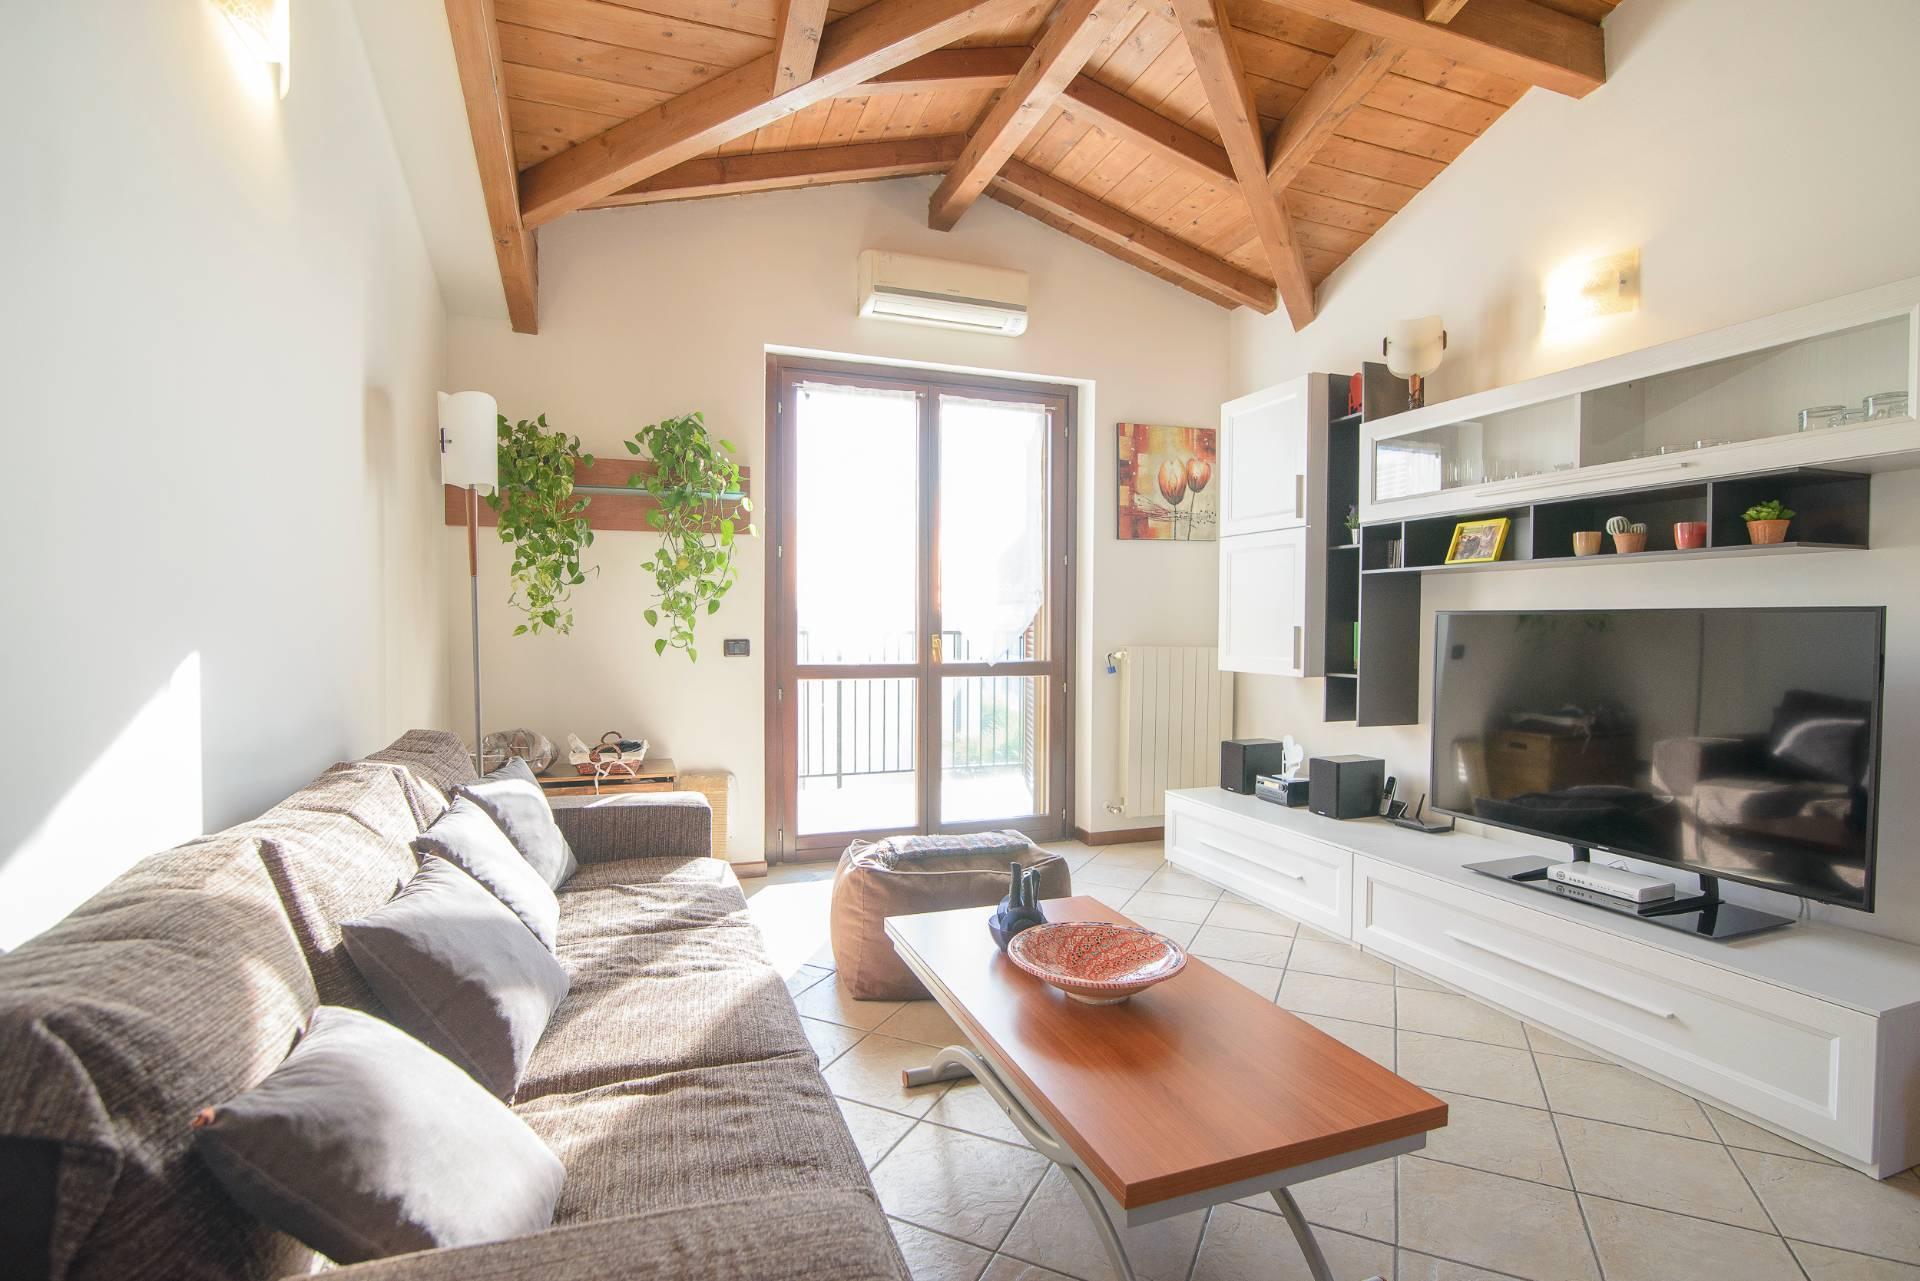 Appartamento in vendita a Casorate Primo, 3 locali, prezzo € 110.000 | CambioCasa.it